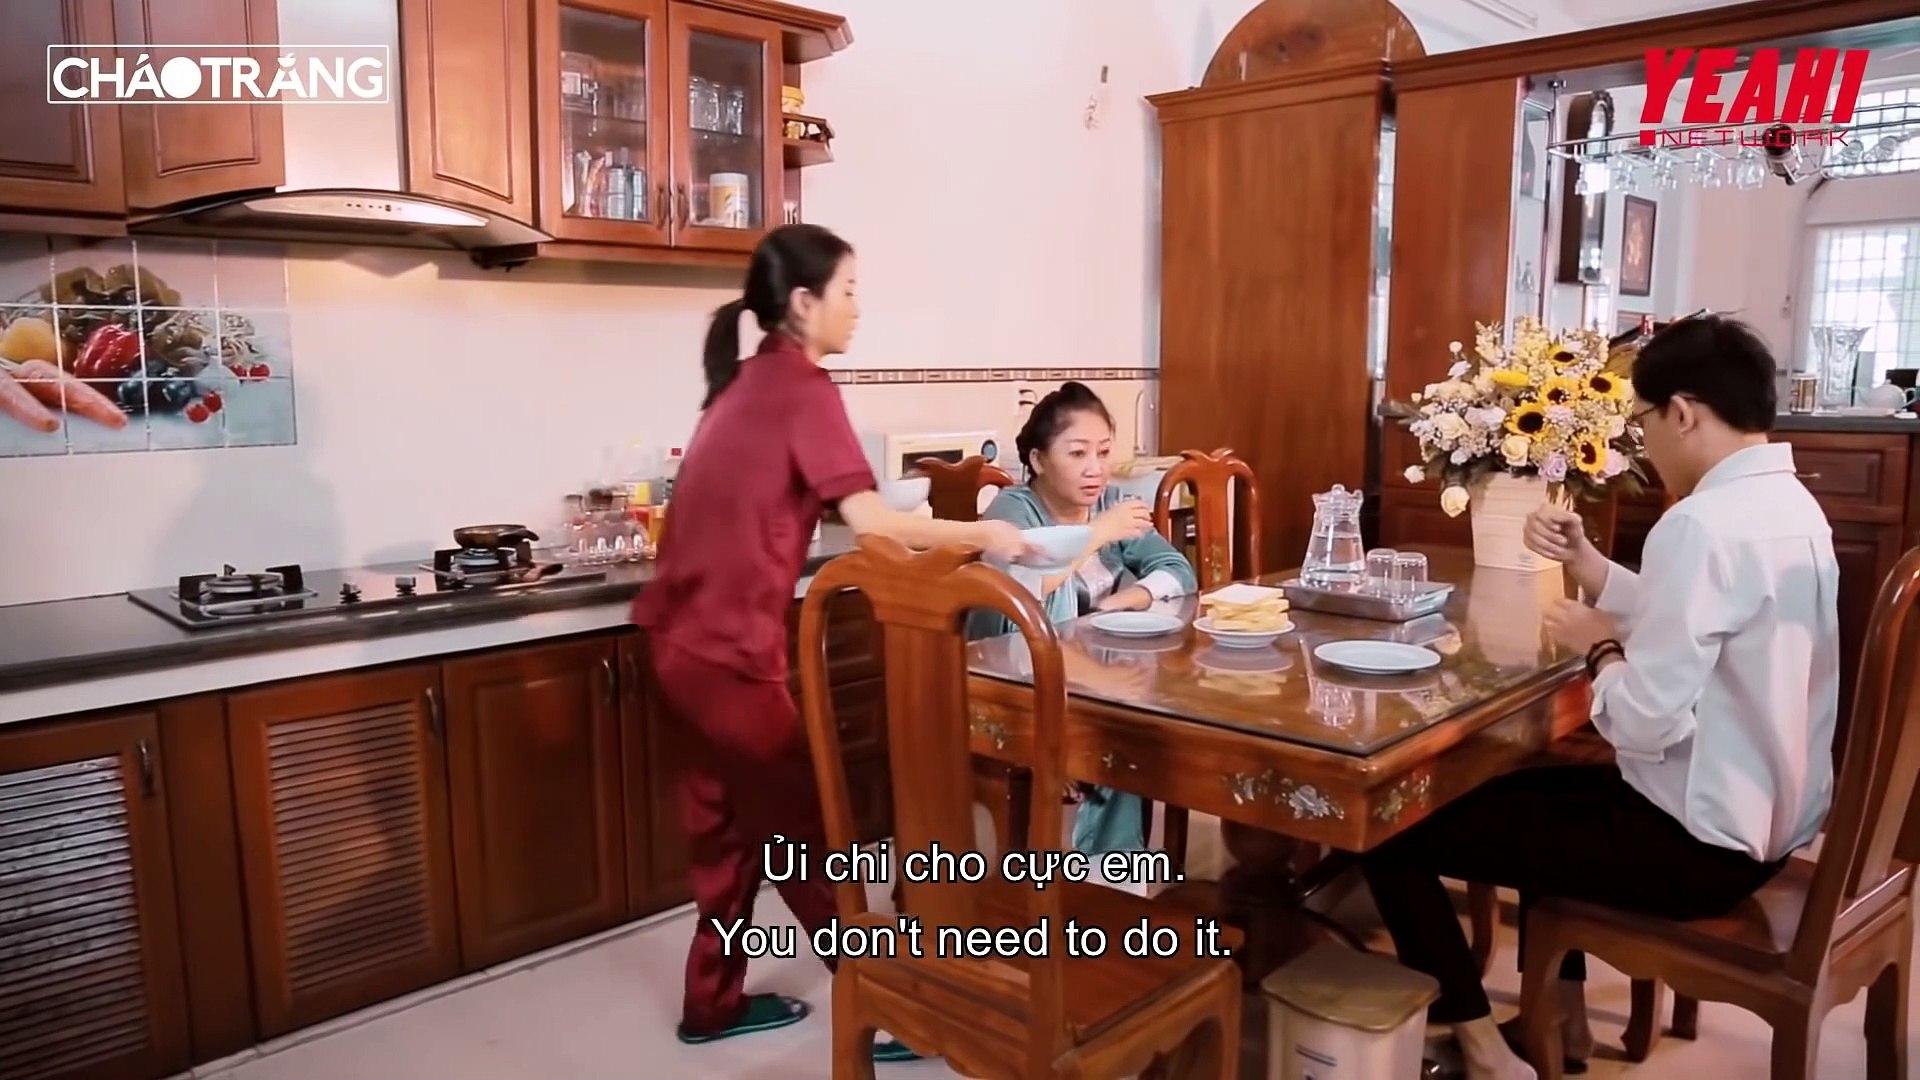 Mẹ chồng đối xử tệ bạc với con dâu và cái kết phải chịu đau đớn - Phim Ngắn 2019 - Cháo Trắng 16